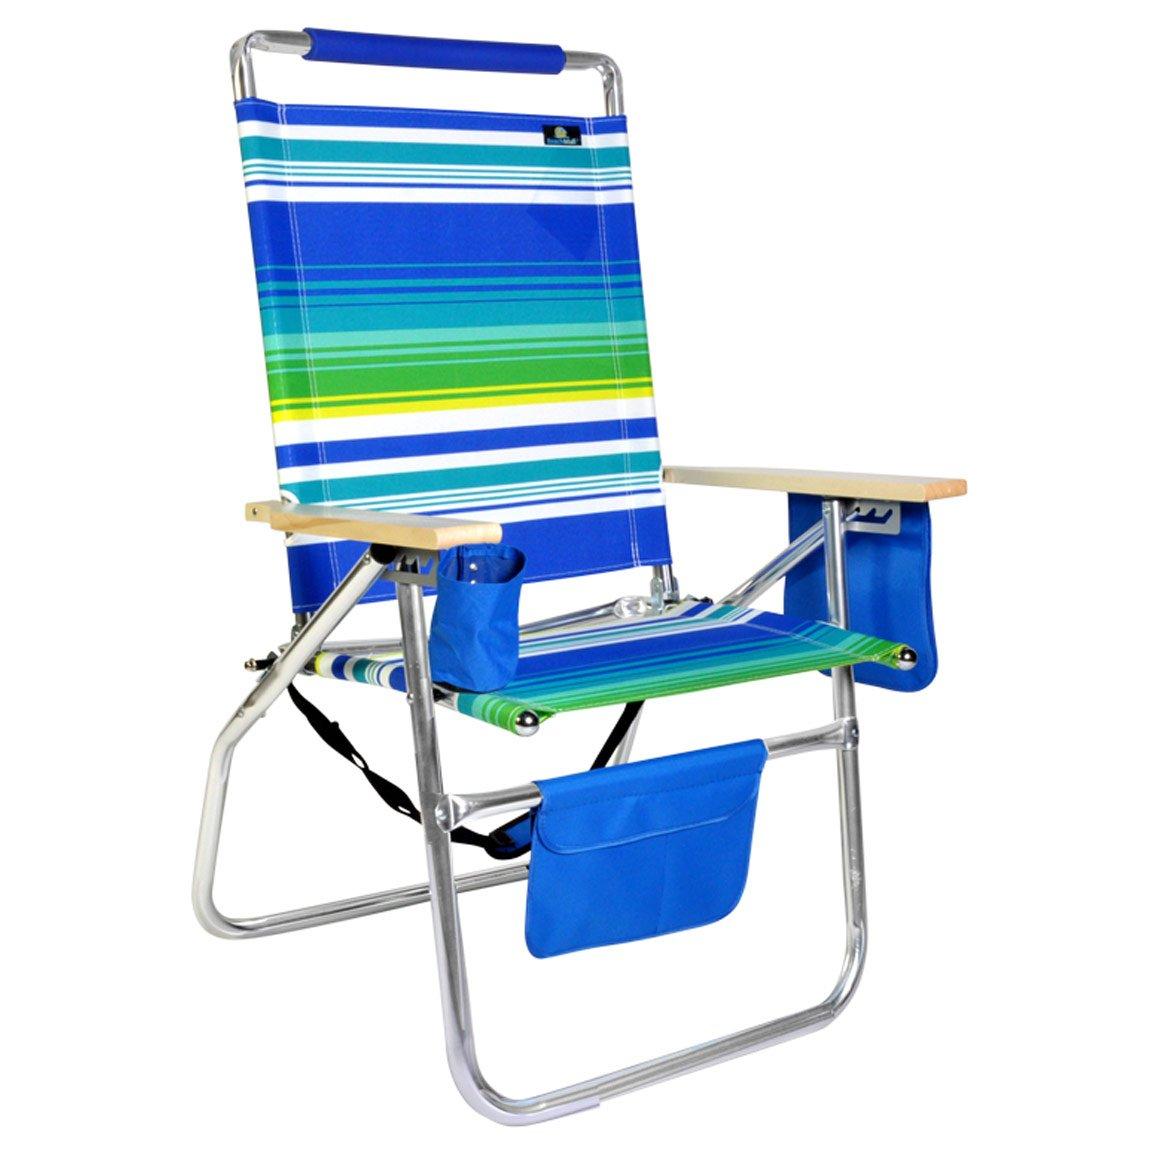 デラックス17インチ高シートアルミビーチ椅子 B079NNJ5N1 862 862